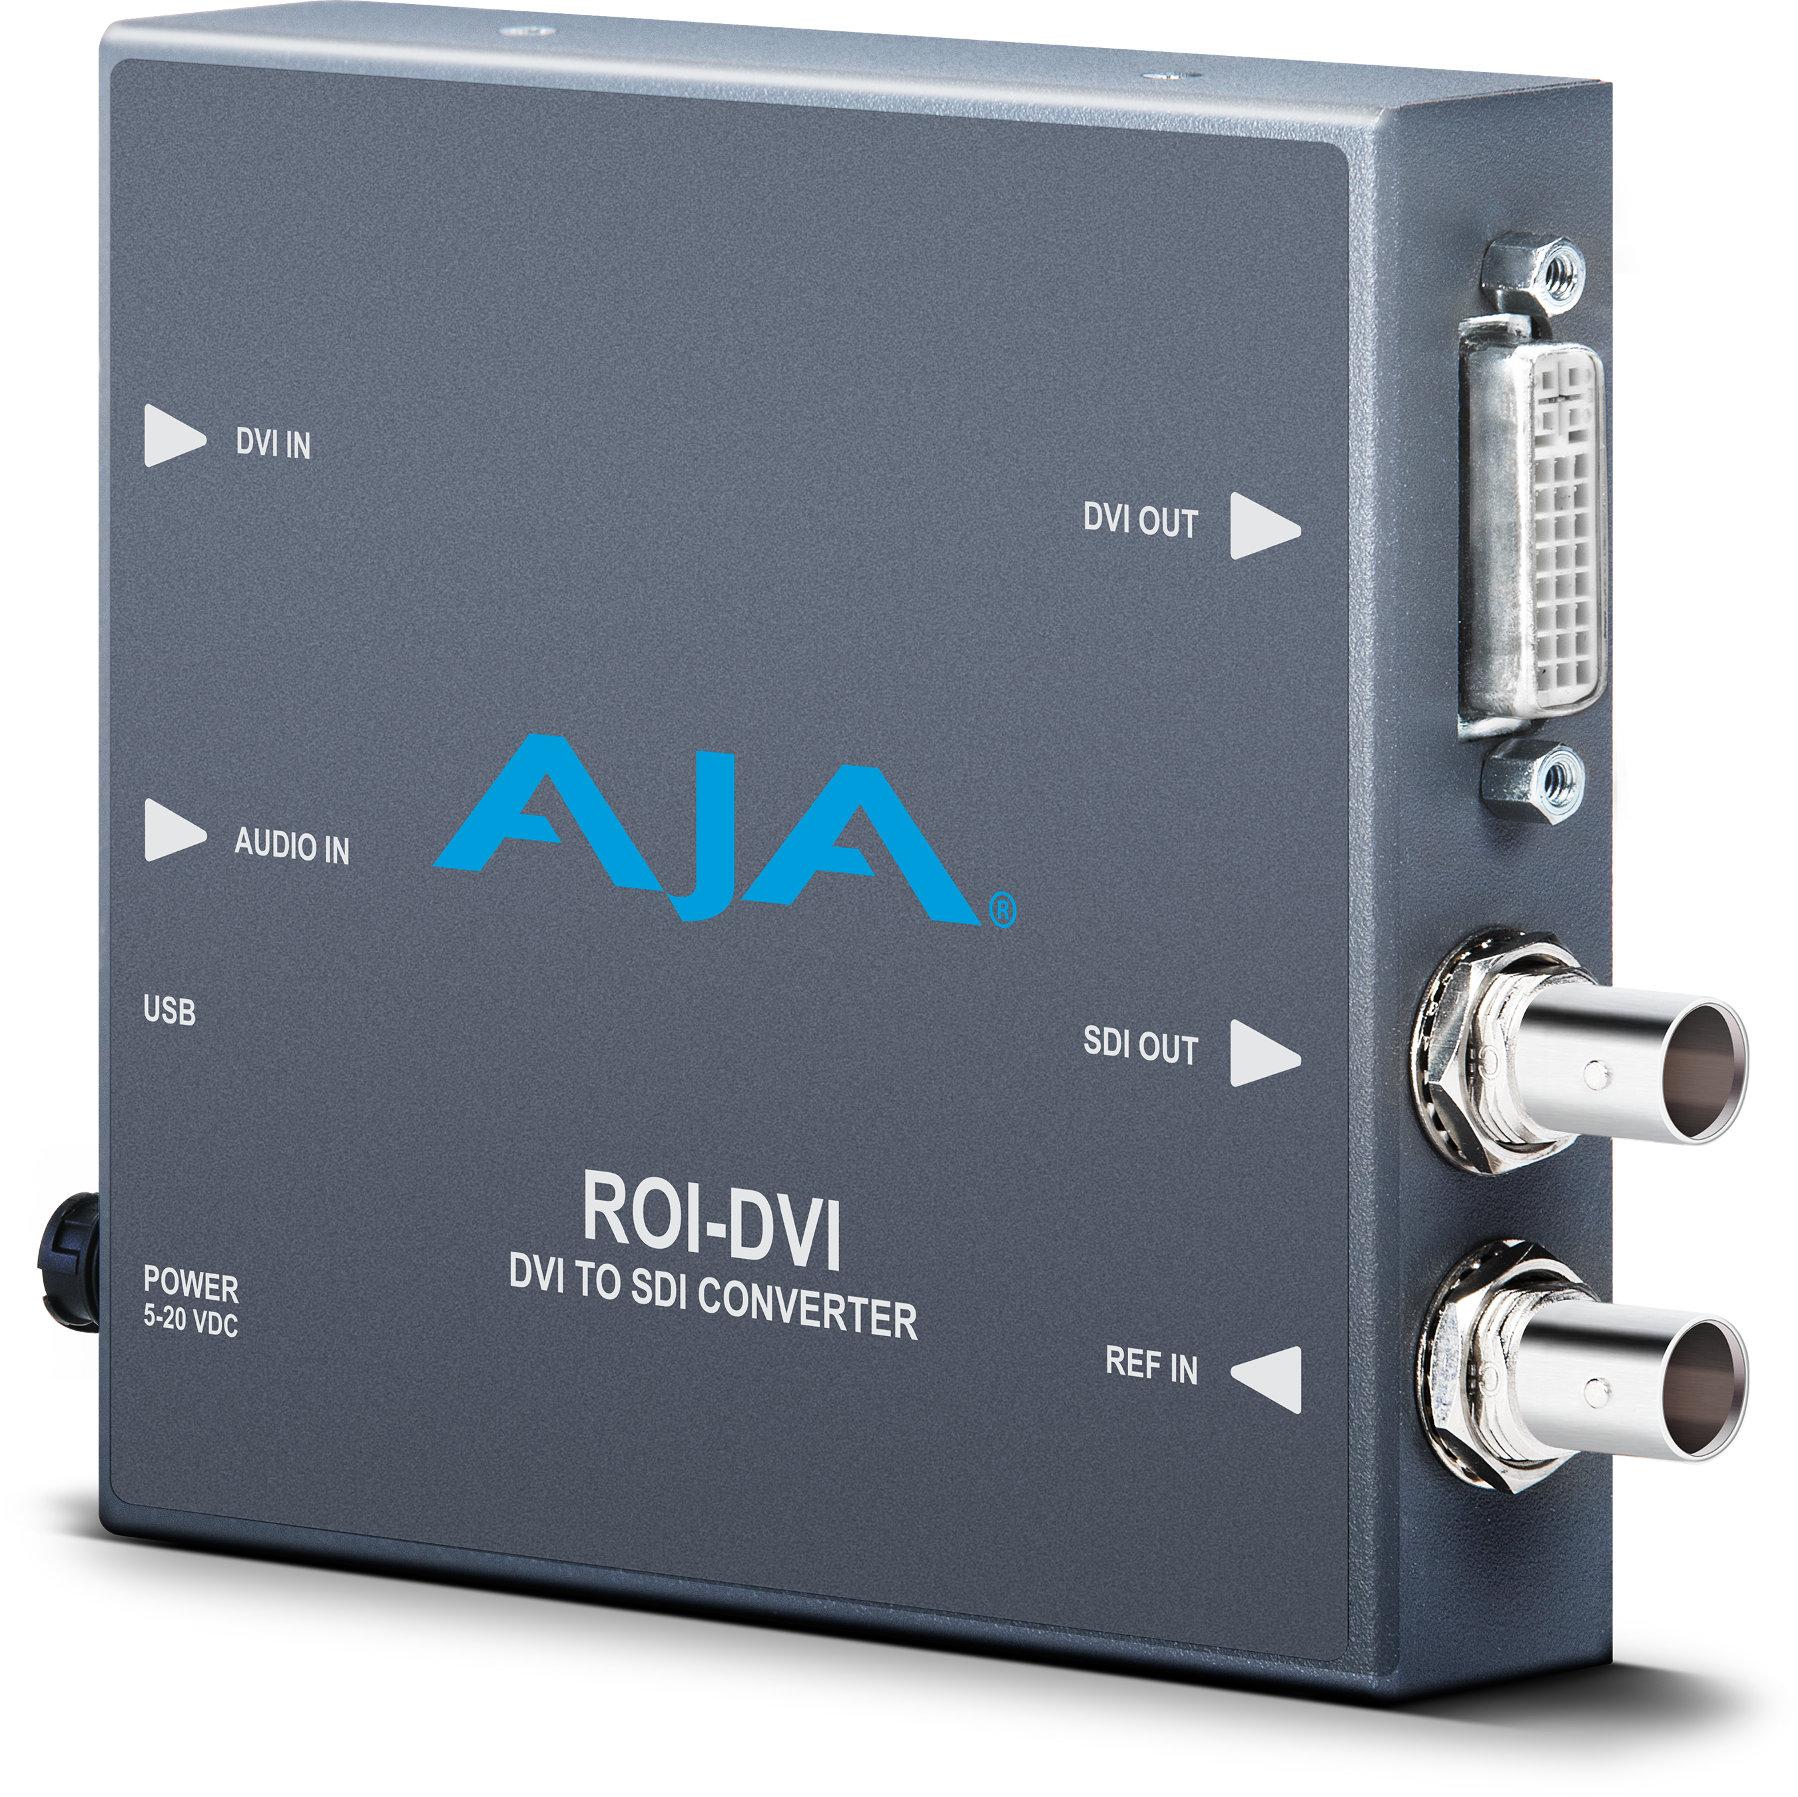 DVI/HDMI to SDI Converter with ROI Scaling